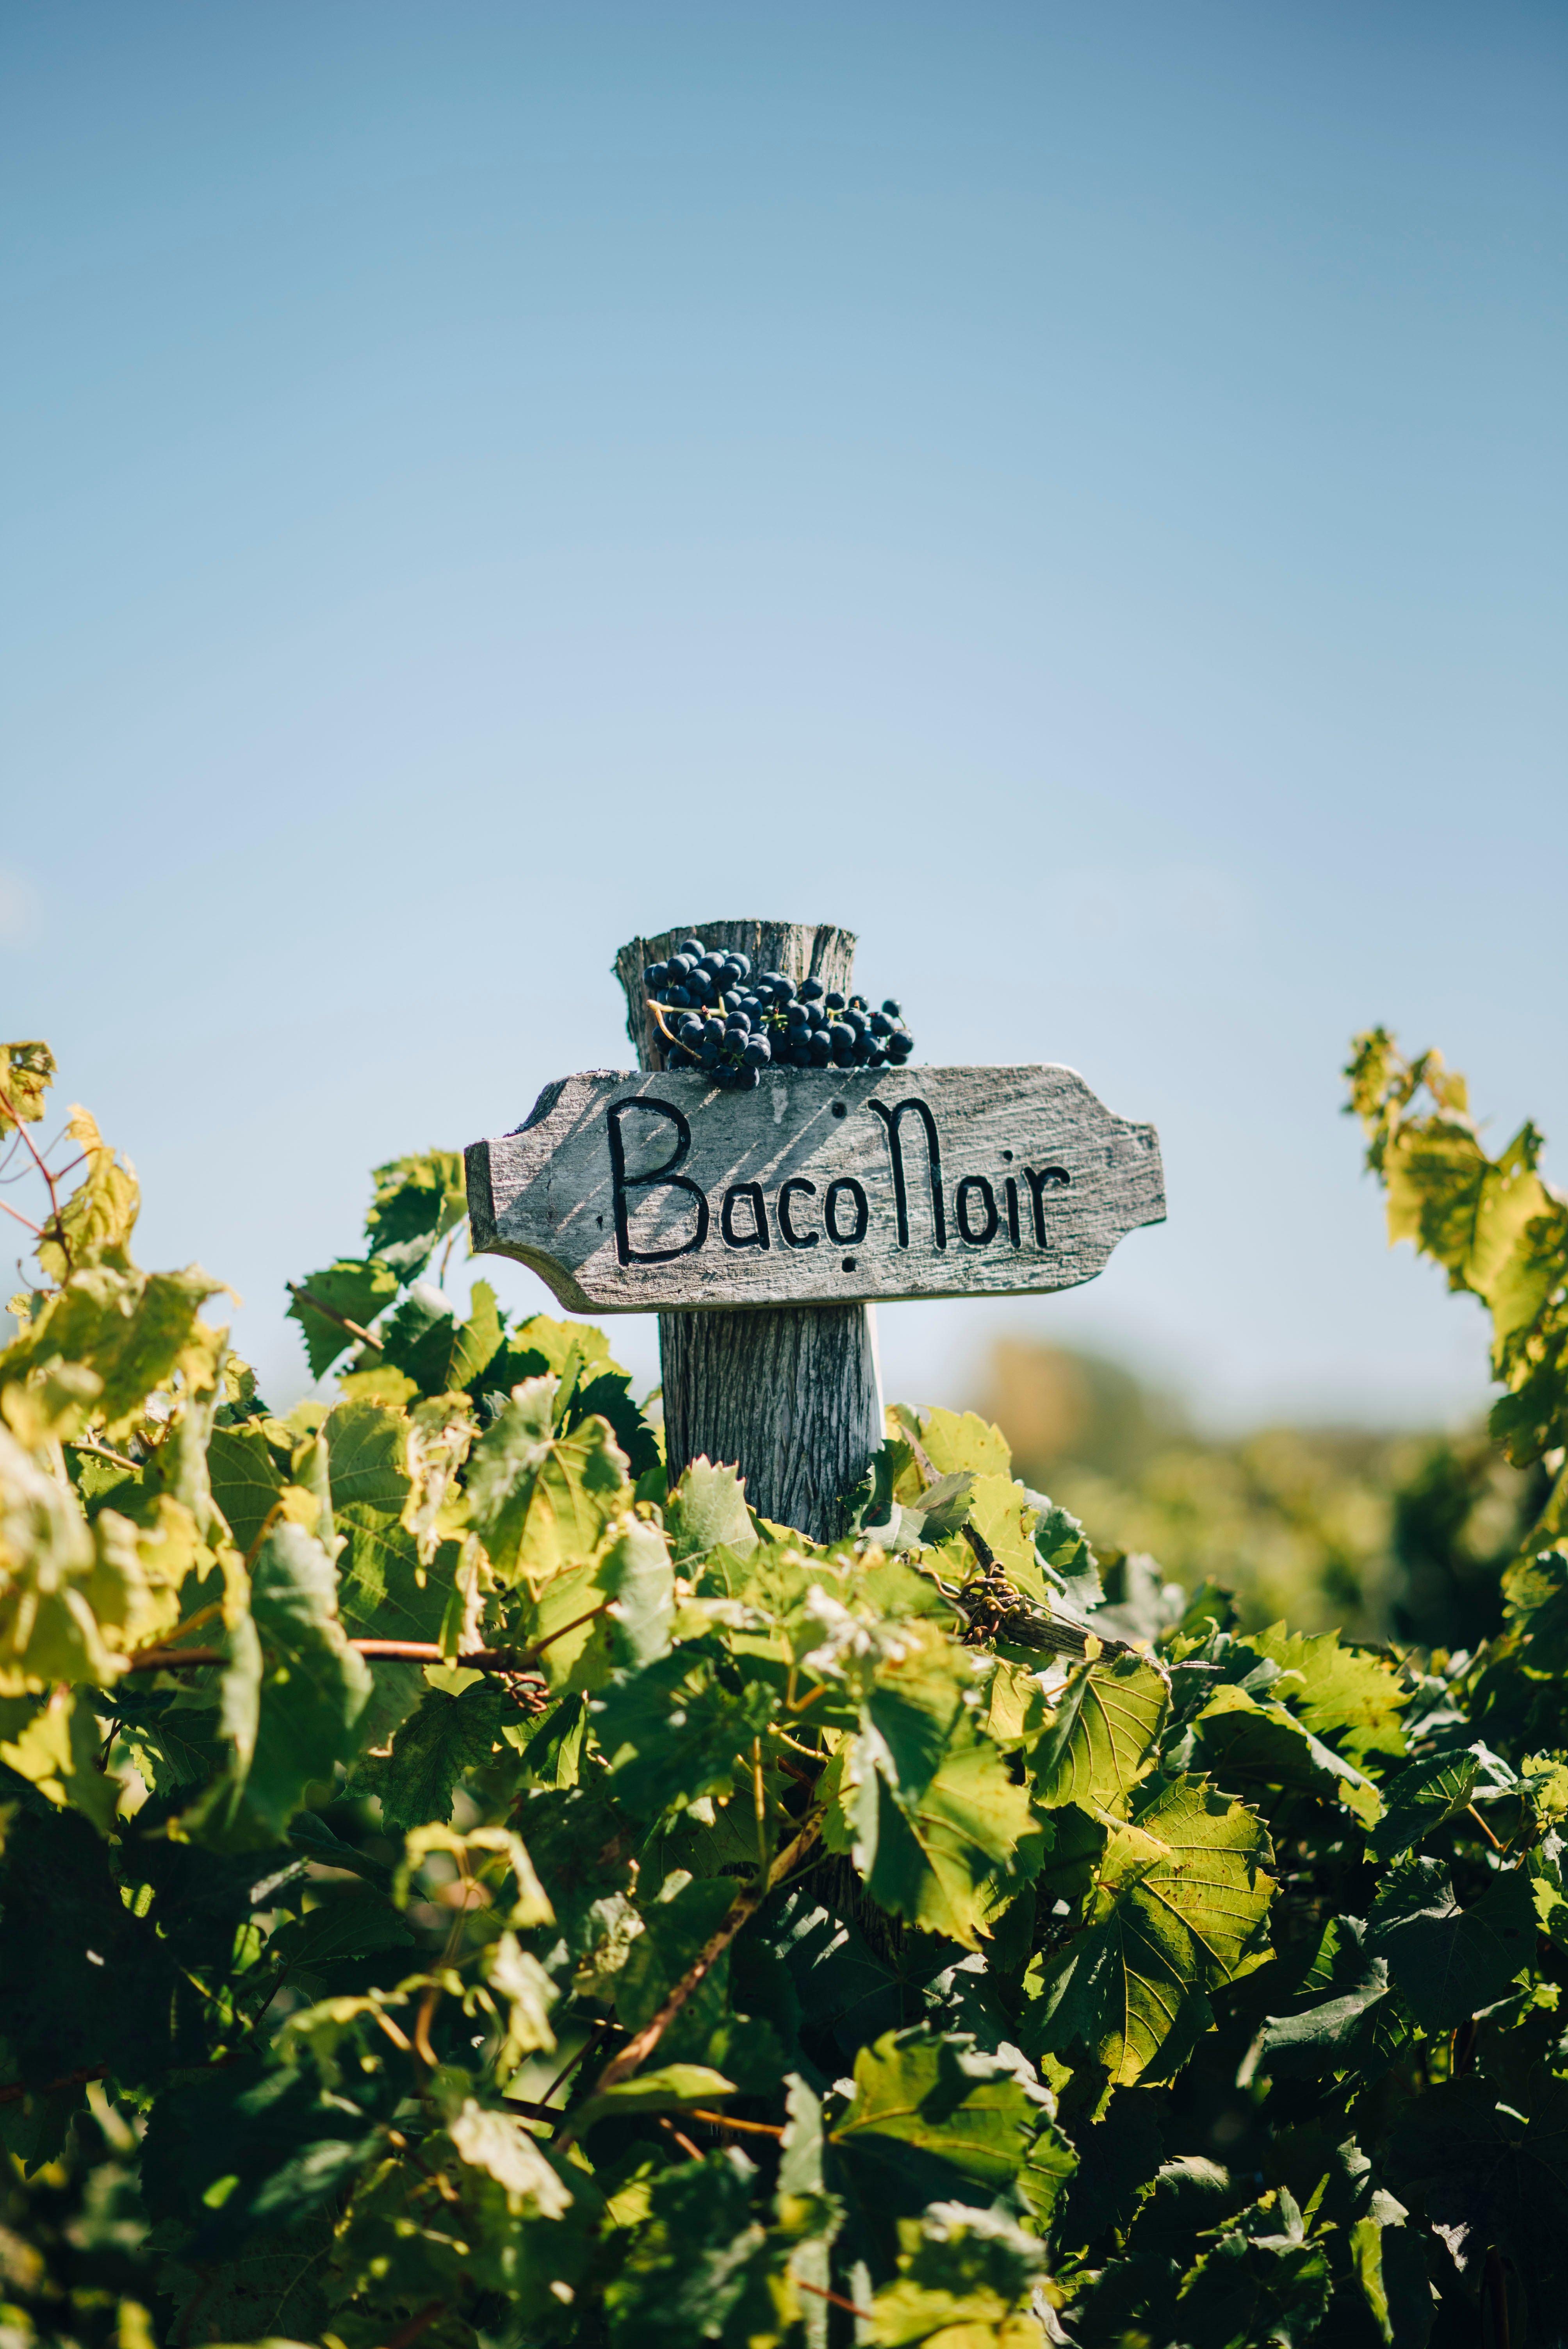 visit vermont baco noir grape